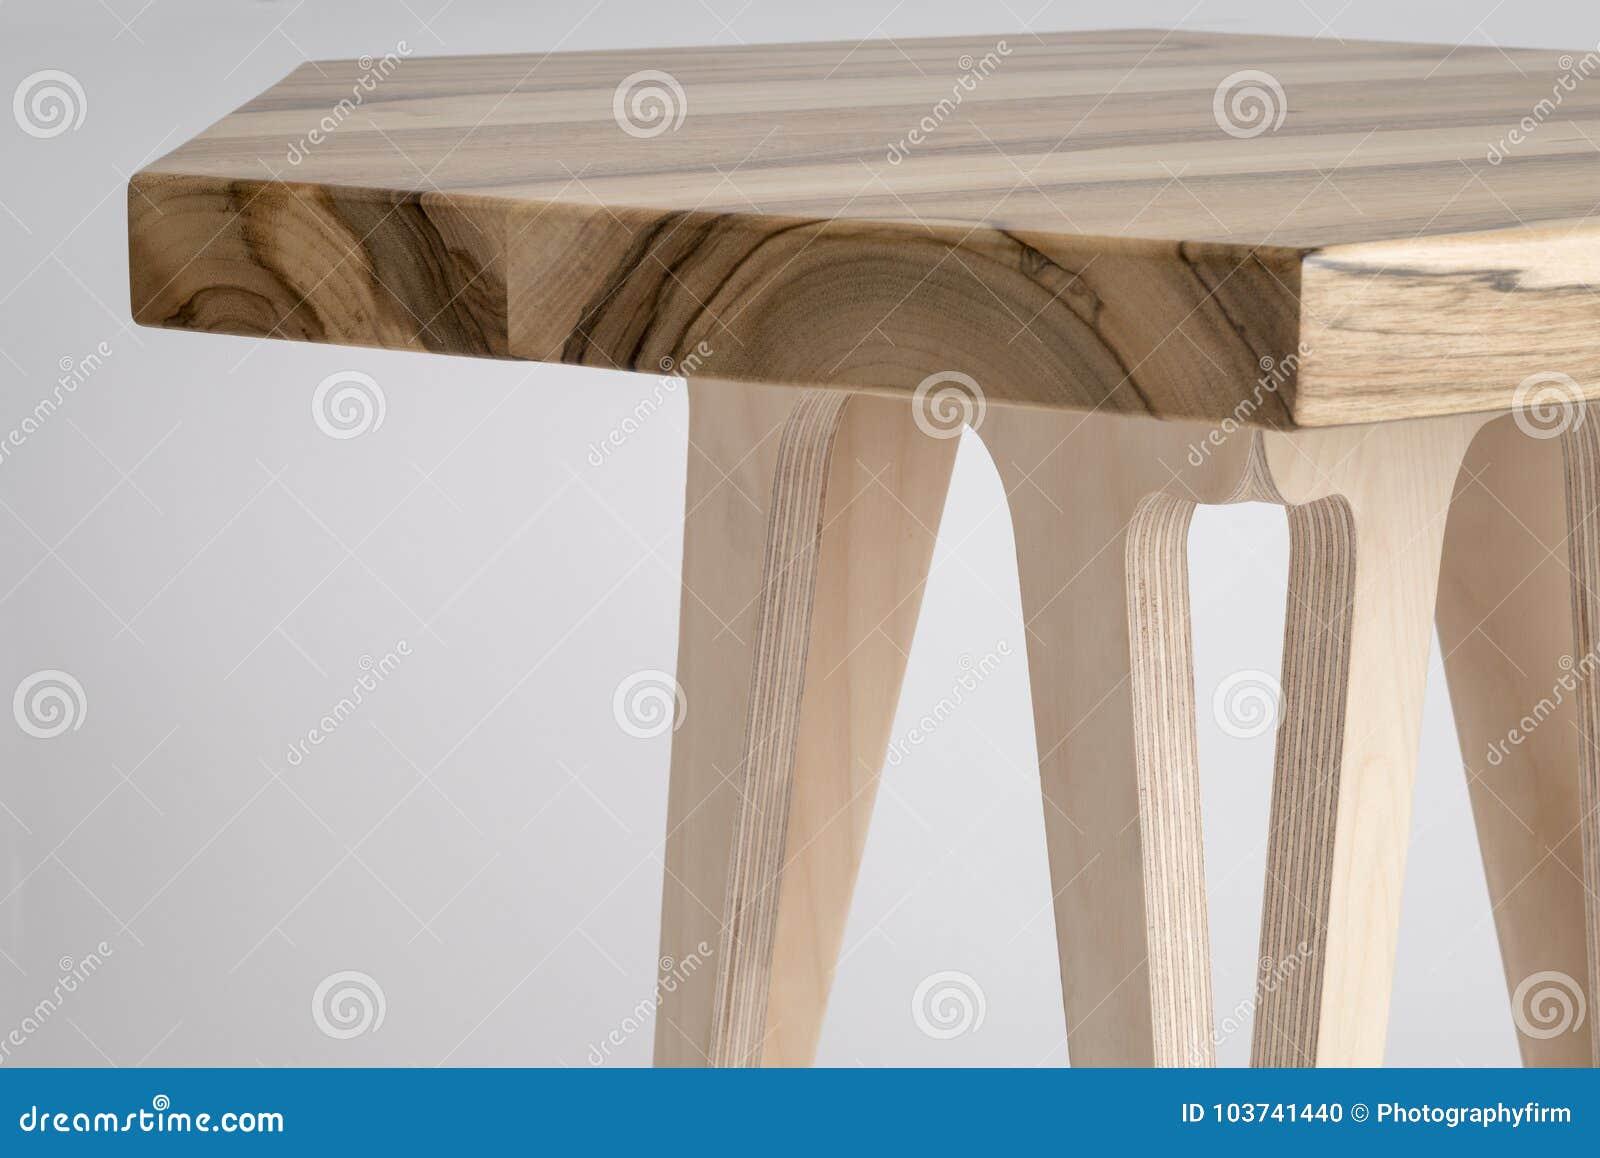 Chiuda Su Del Tavolino Da Salotto Di Legno Con La Cima Esagonale Fotografia Stock Immagine Di Brown Tabella 103741440